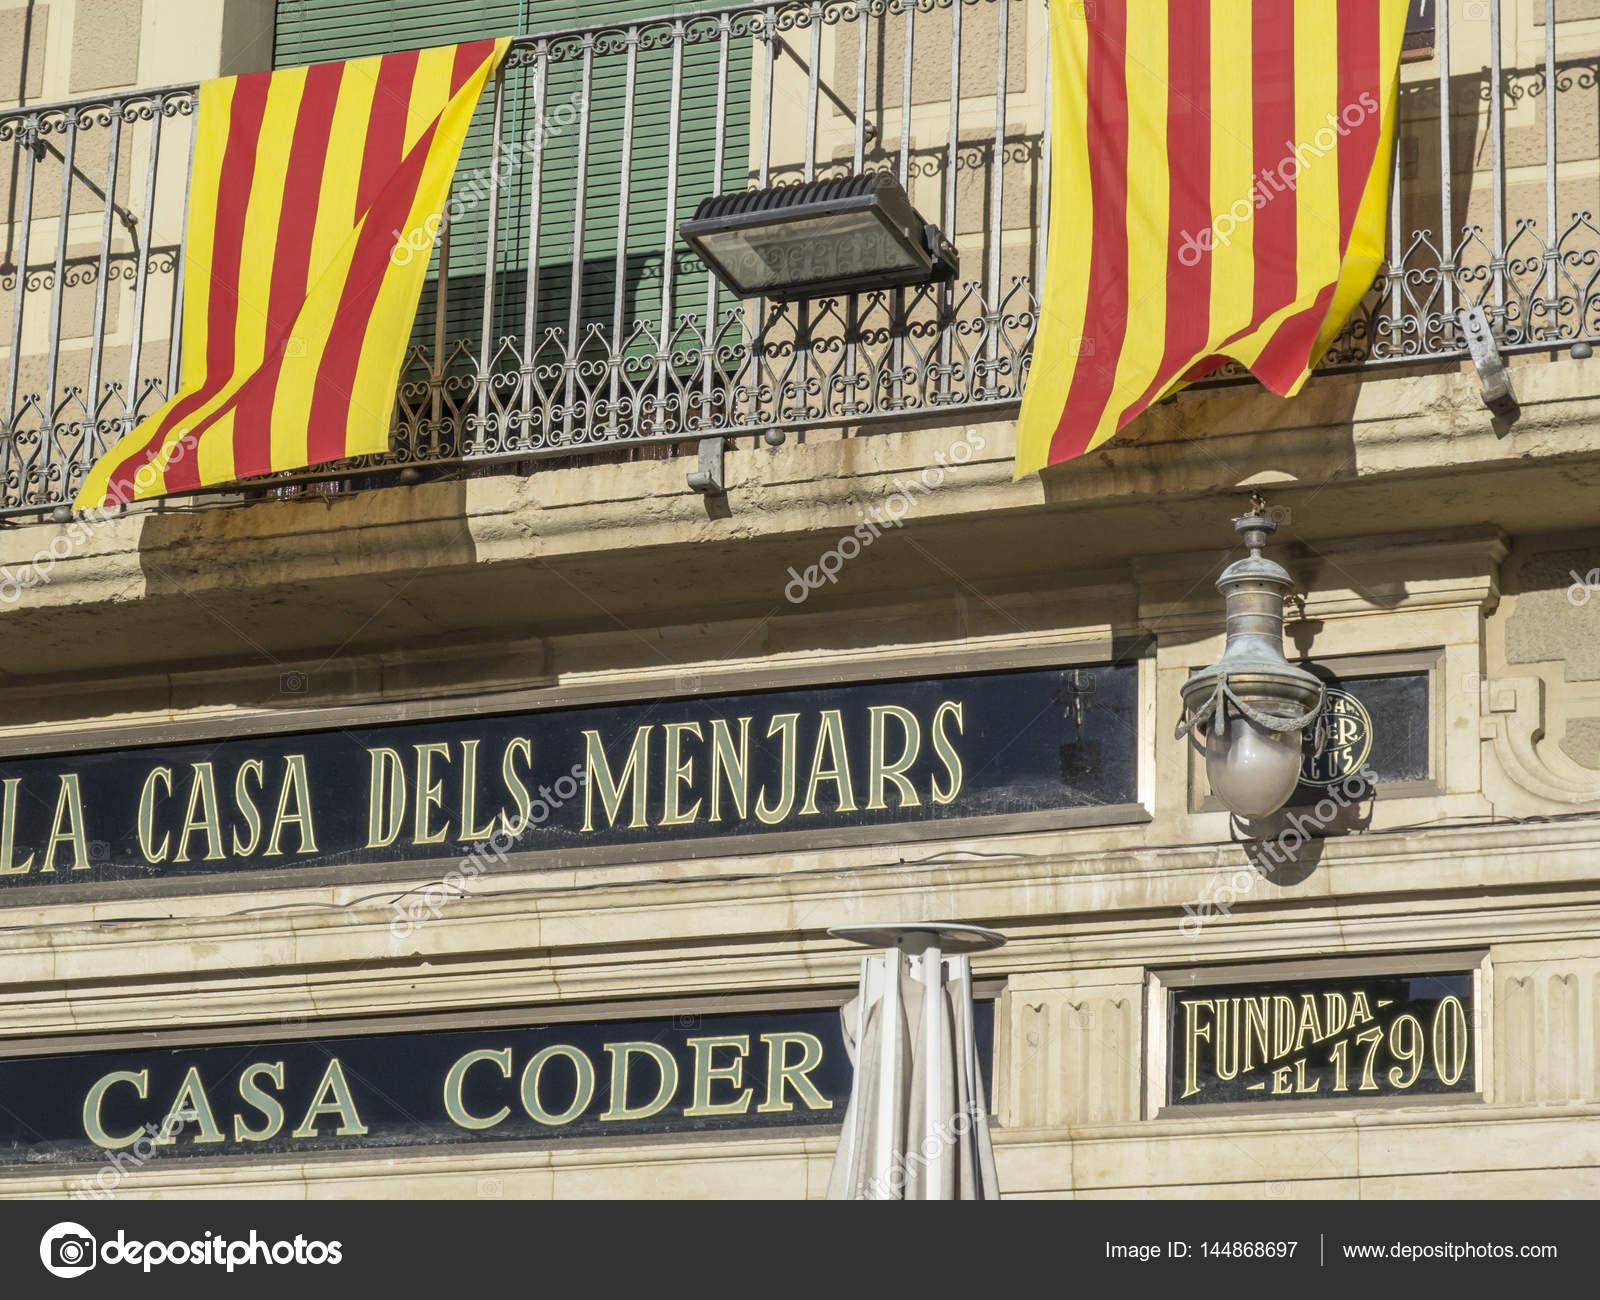 restaurant fassade la casa dels menjars-casa corder, katalanische